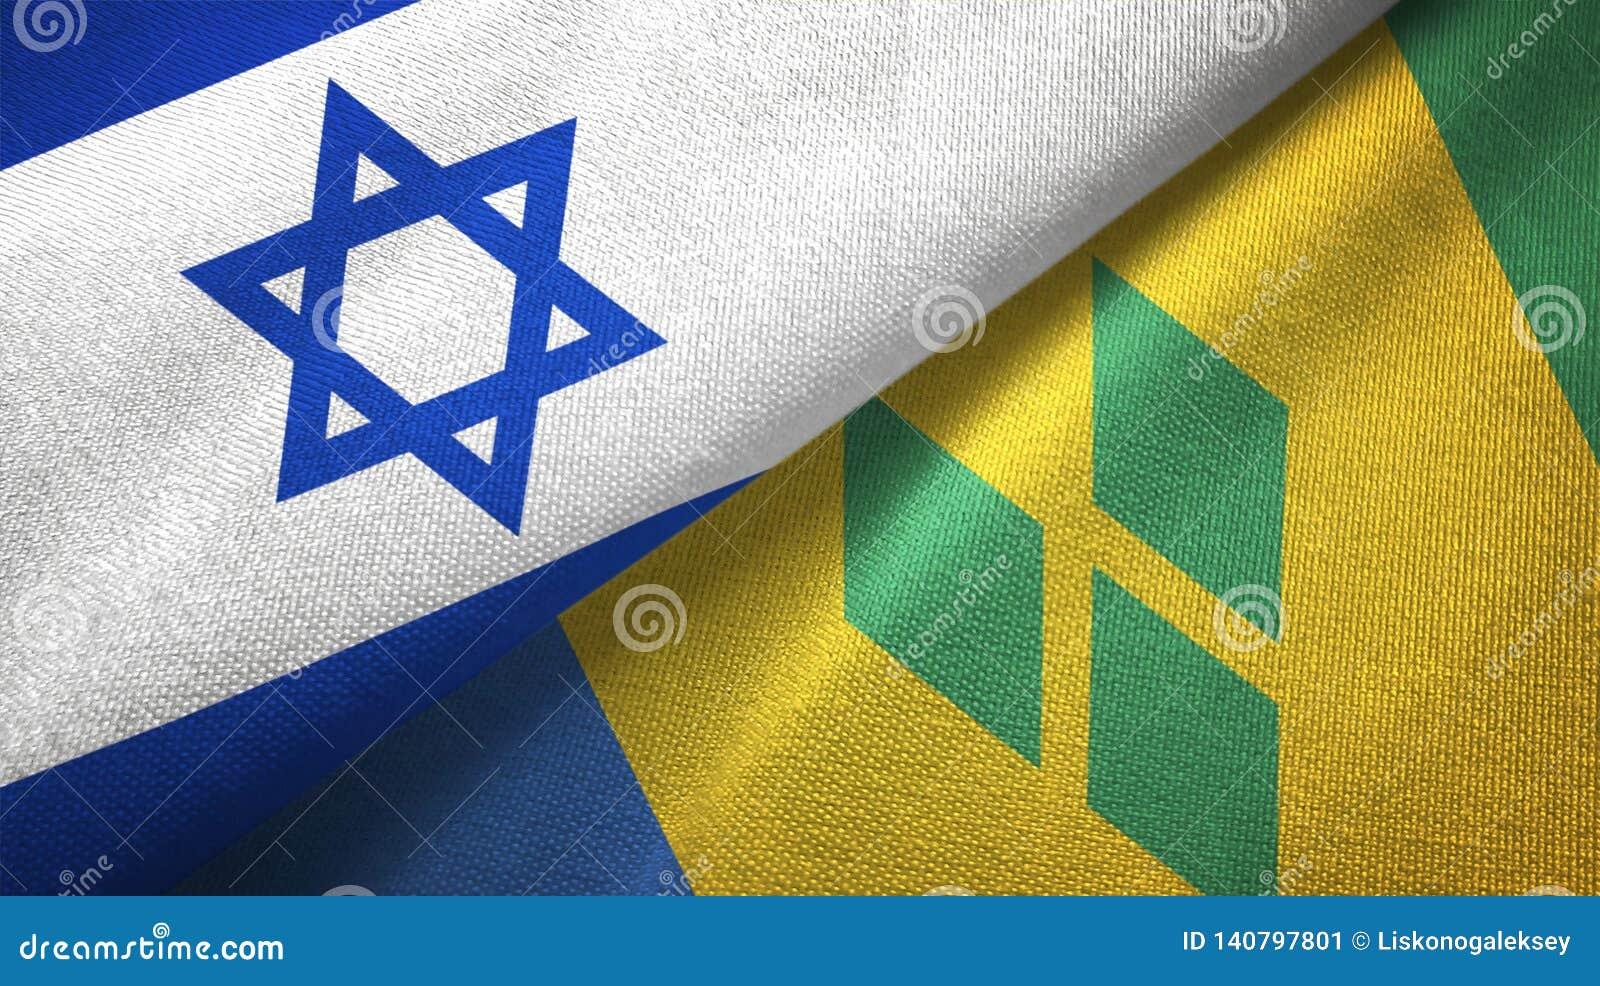 Ισραήλ και Άγιος Βικέντιος και Γρεναδίνες δύο υφαντικό ύφασμα σημαιών